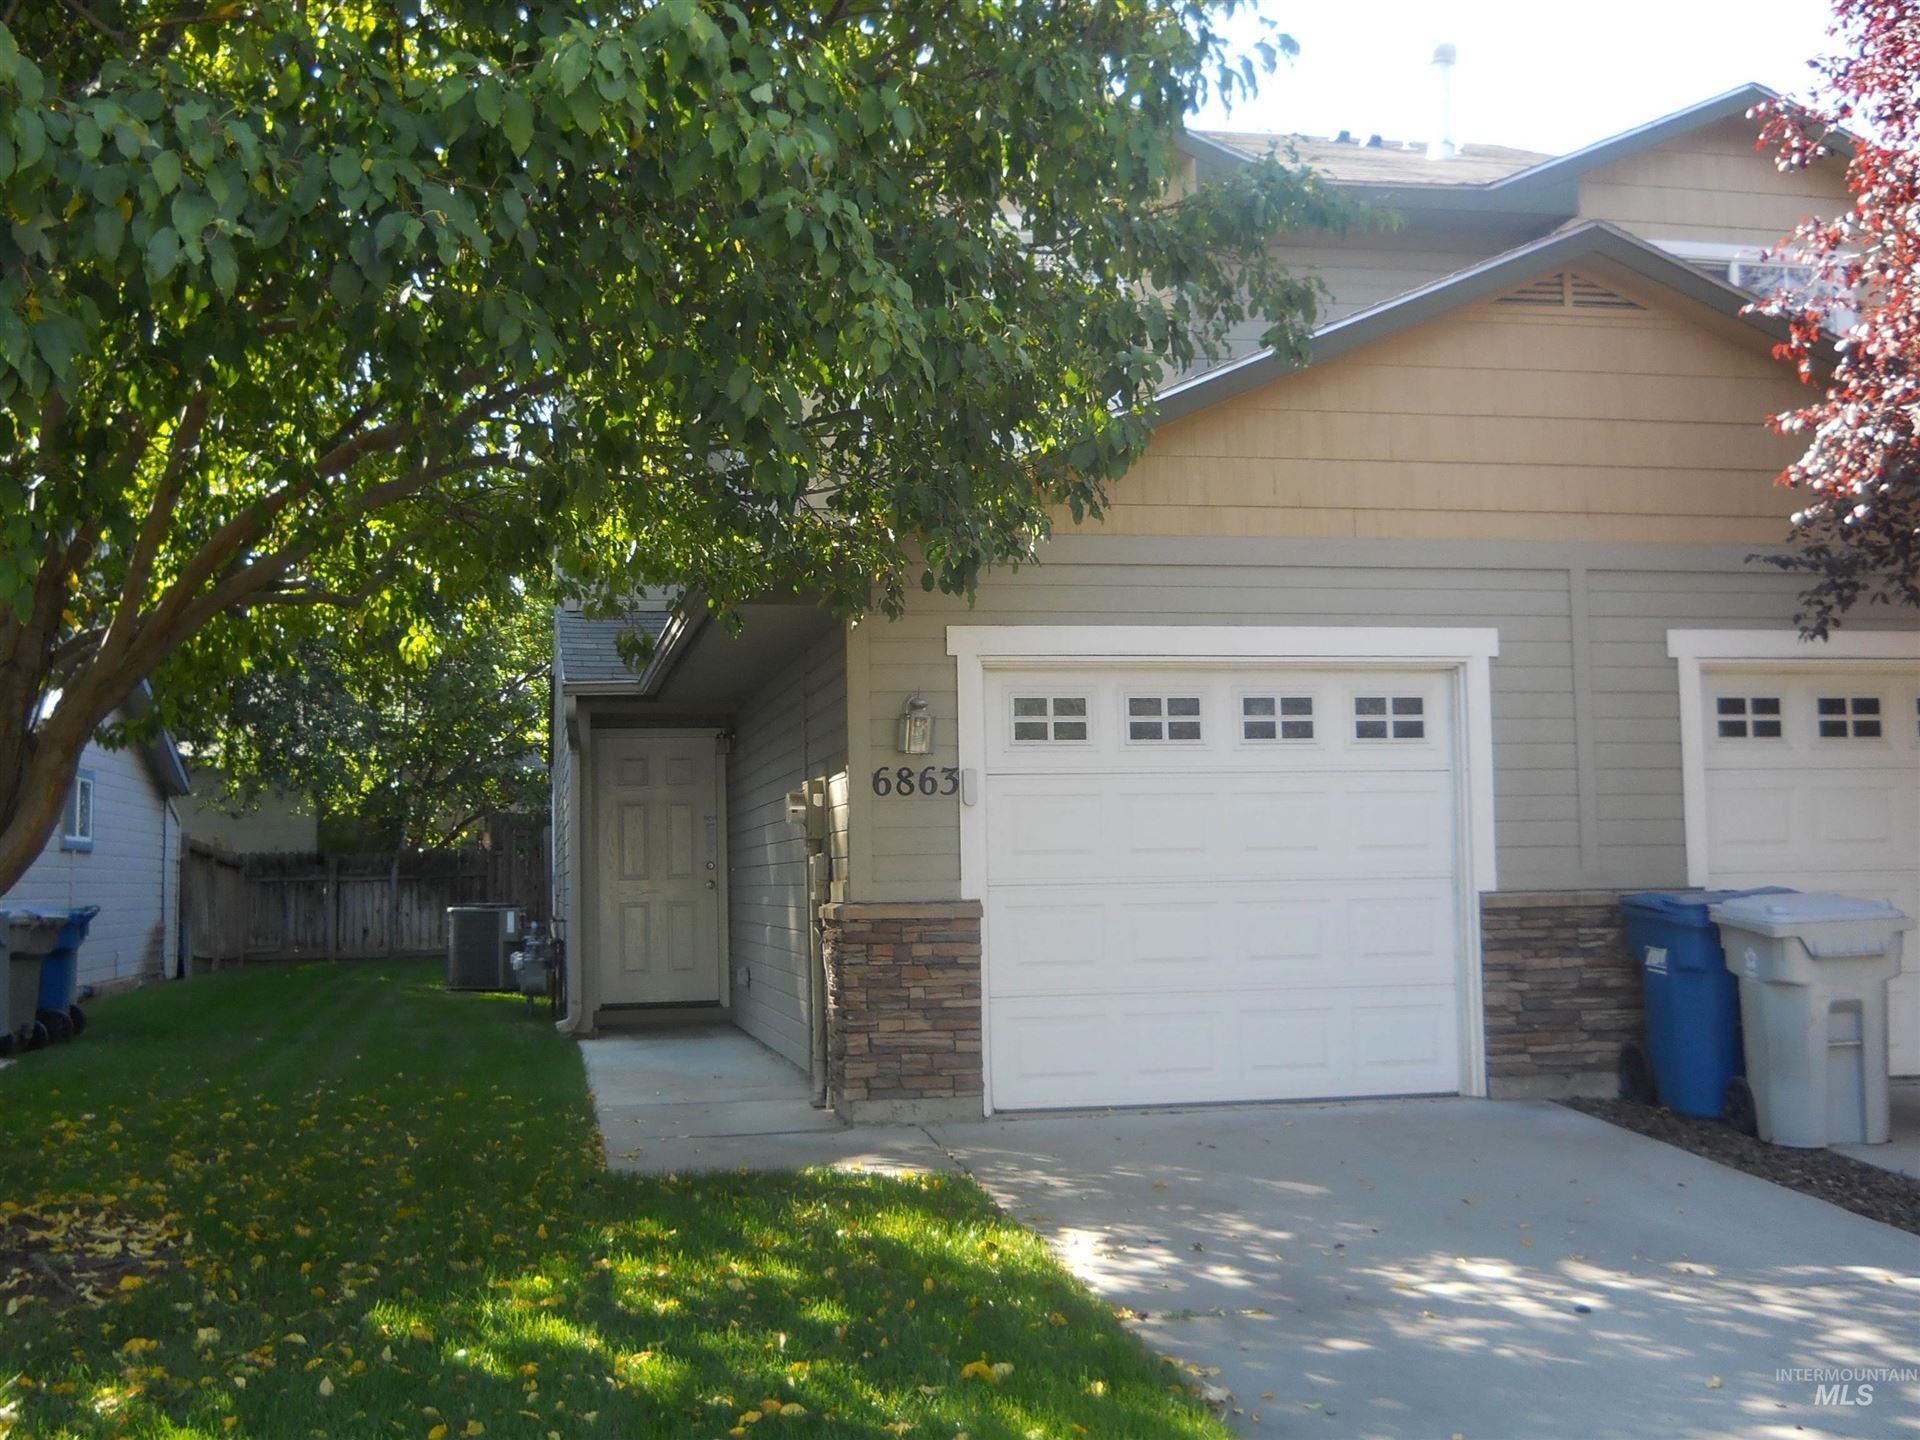 6863 W Preece, Boise, ID 83704 - MLS#: 98820621